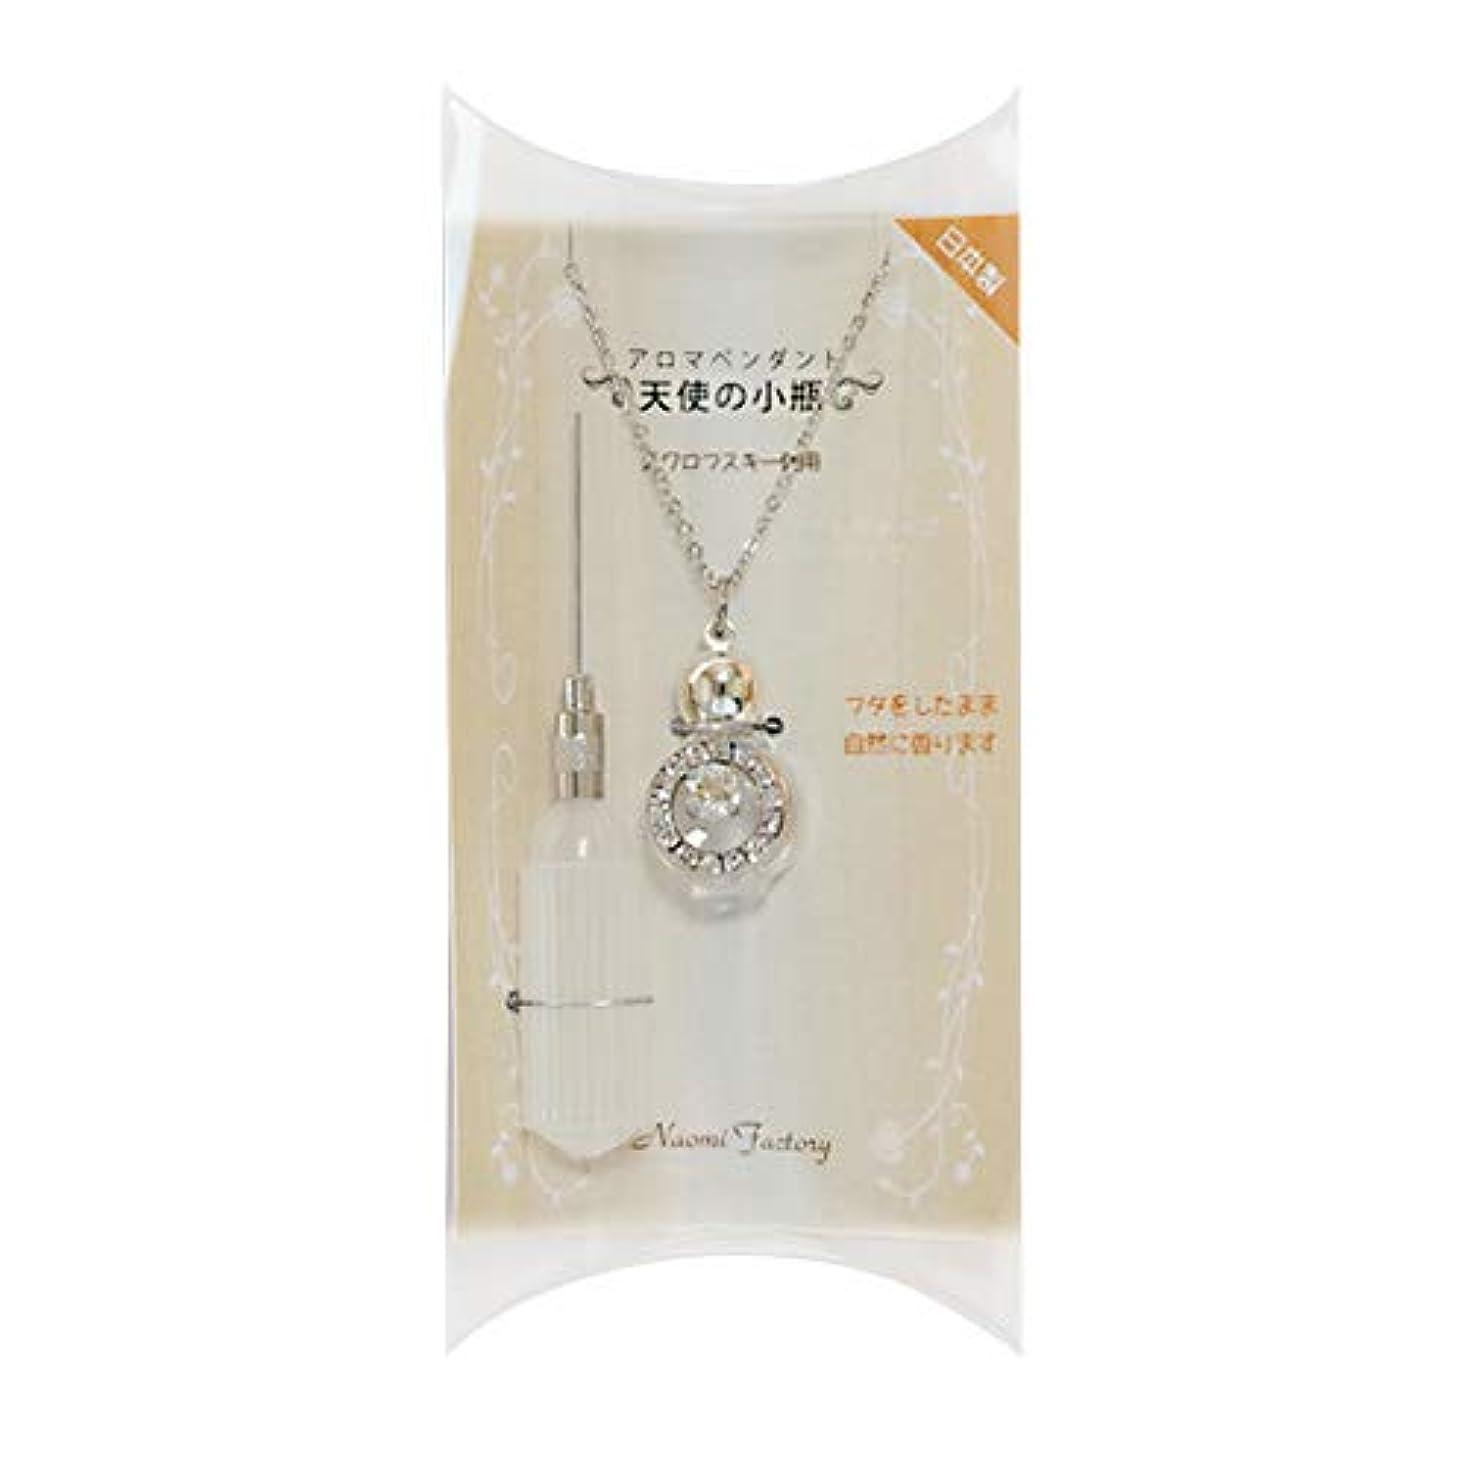 モンゴメリースプリット促進するNaomi Factory アロマペンダント 天使の小瓶 エンジェルリング クリア